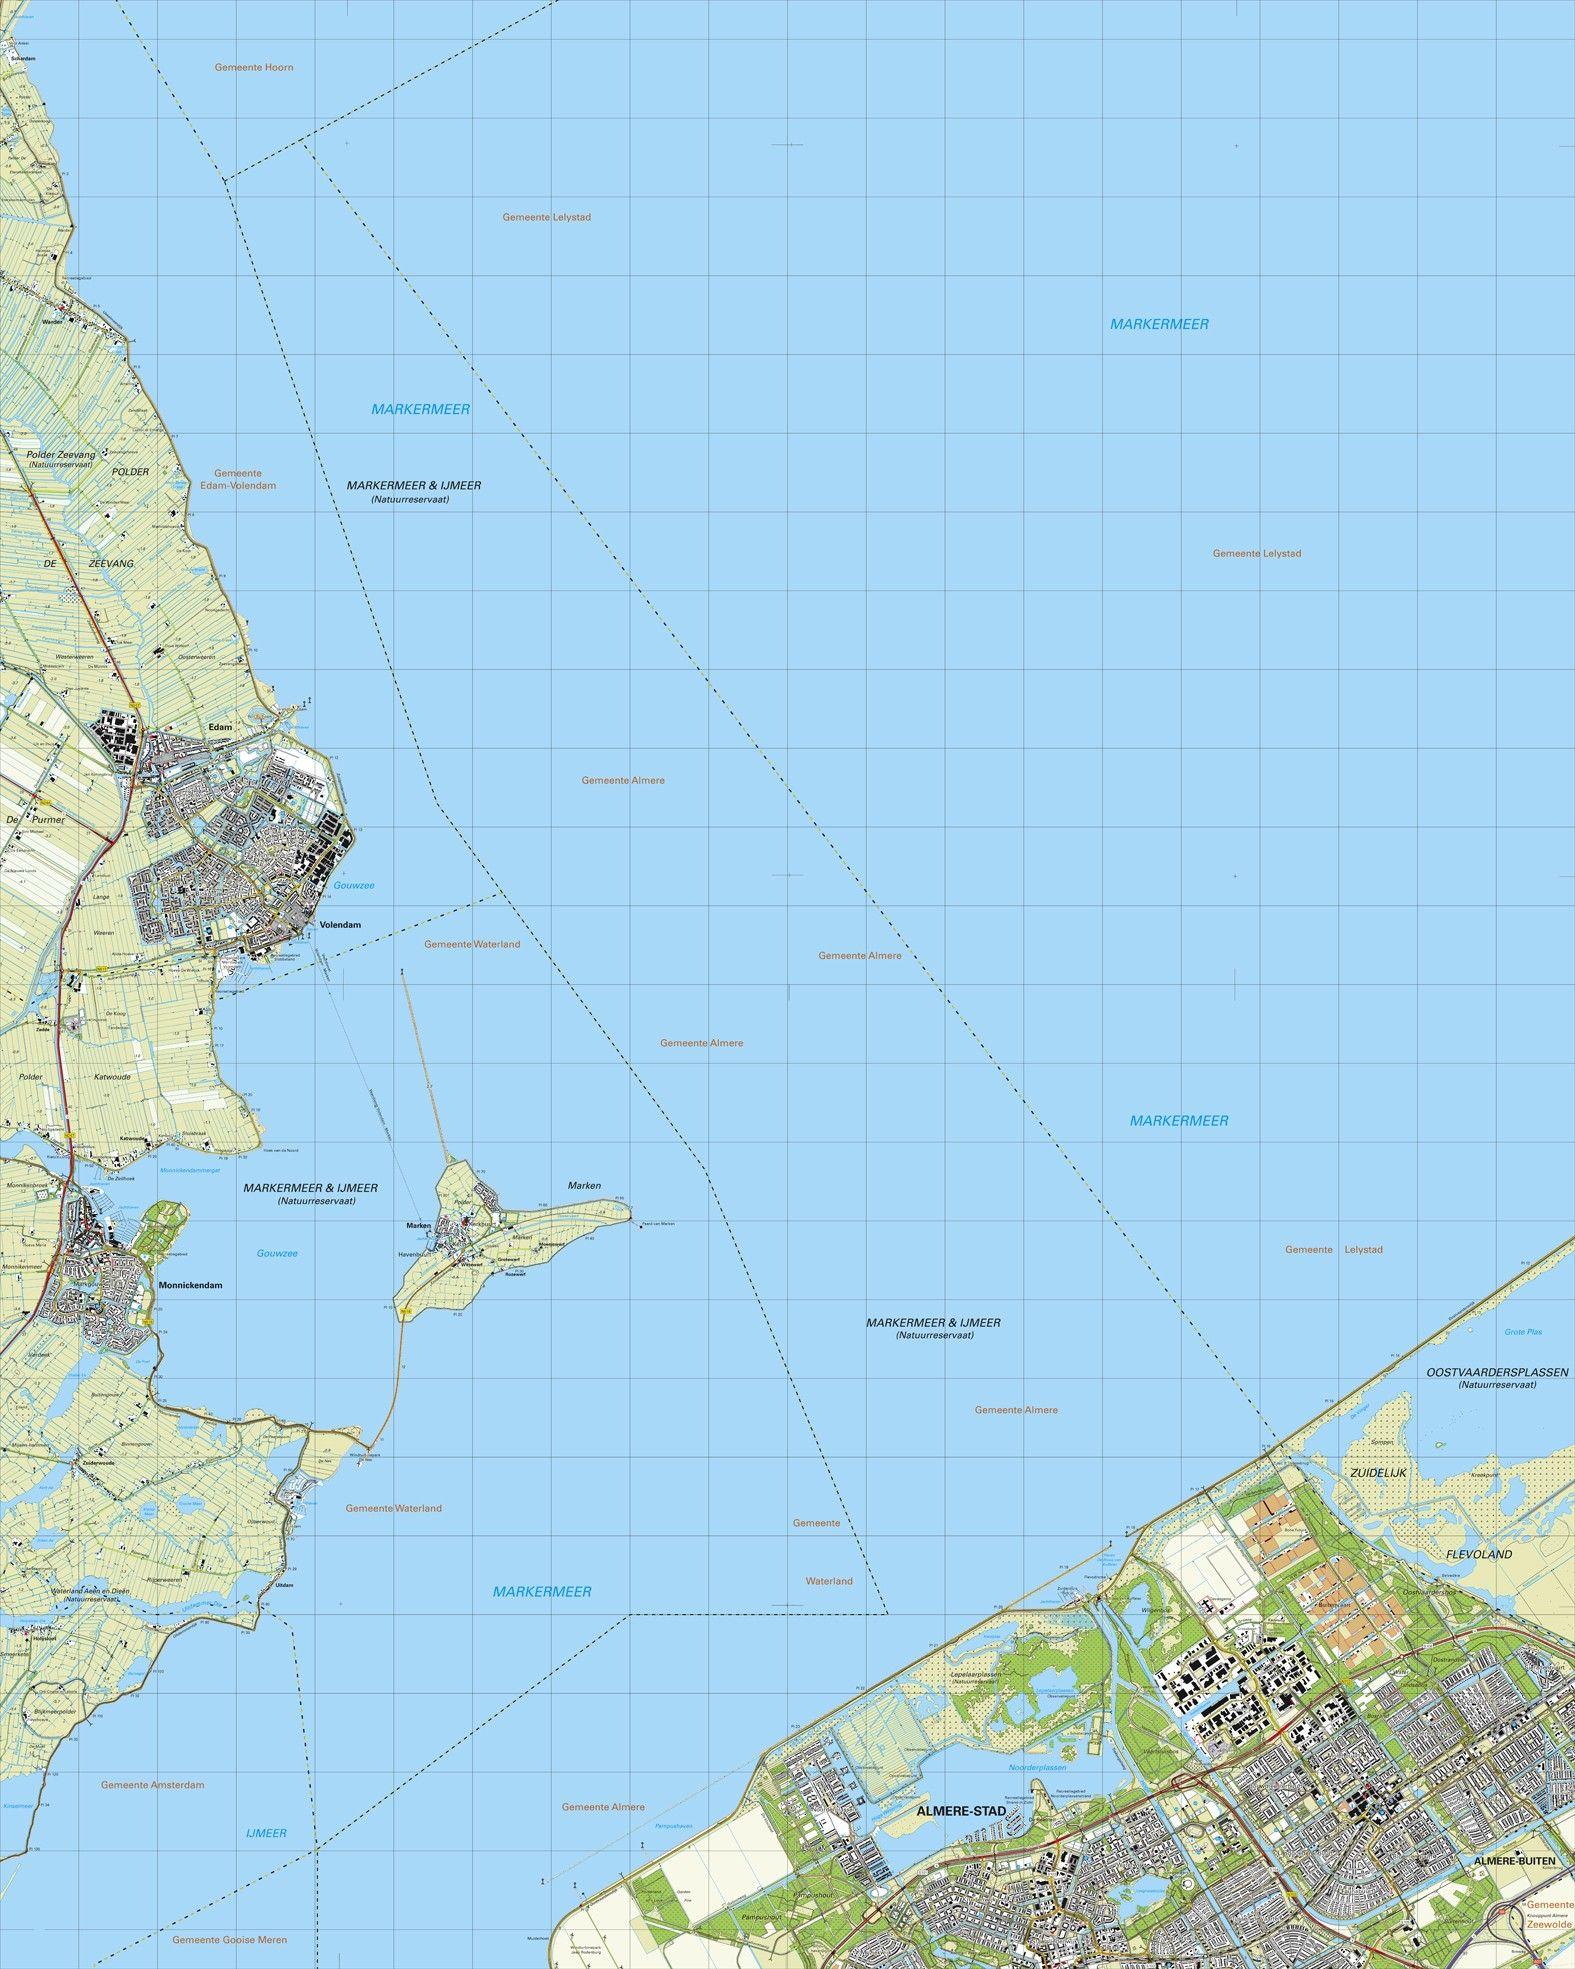 Topografische kaart schaal 1:25.000 (Volendam, Monnickendam, Marken, Almere)